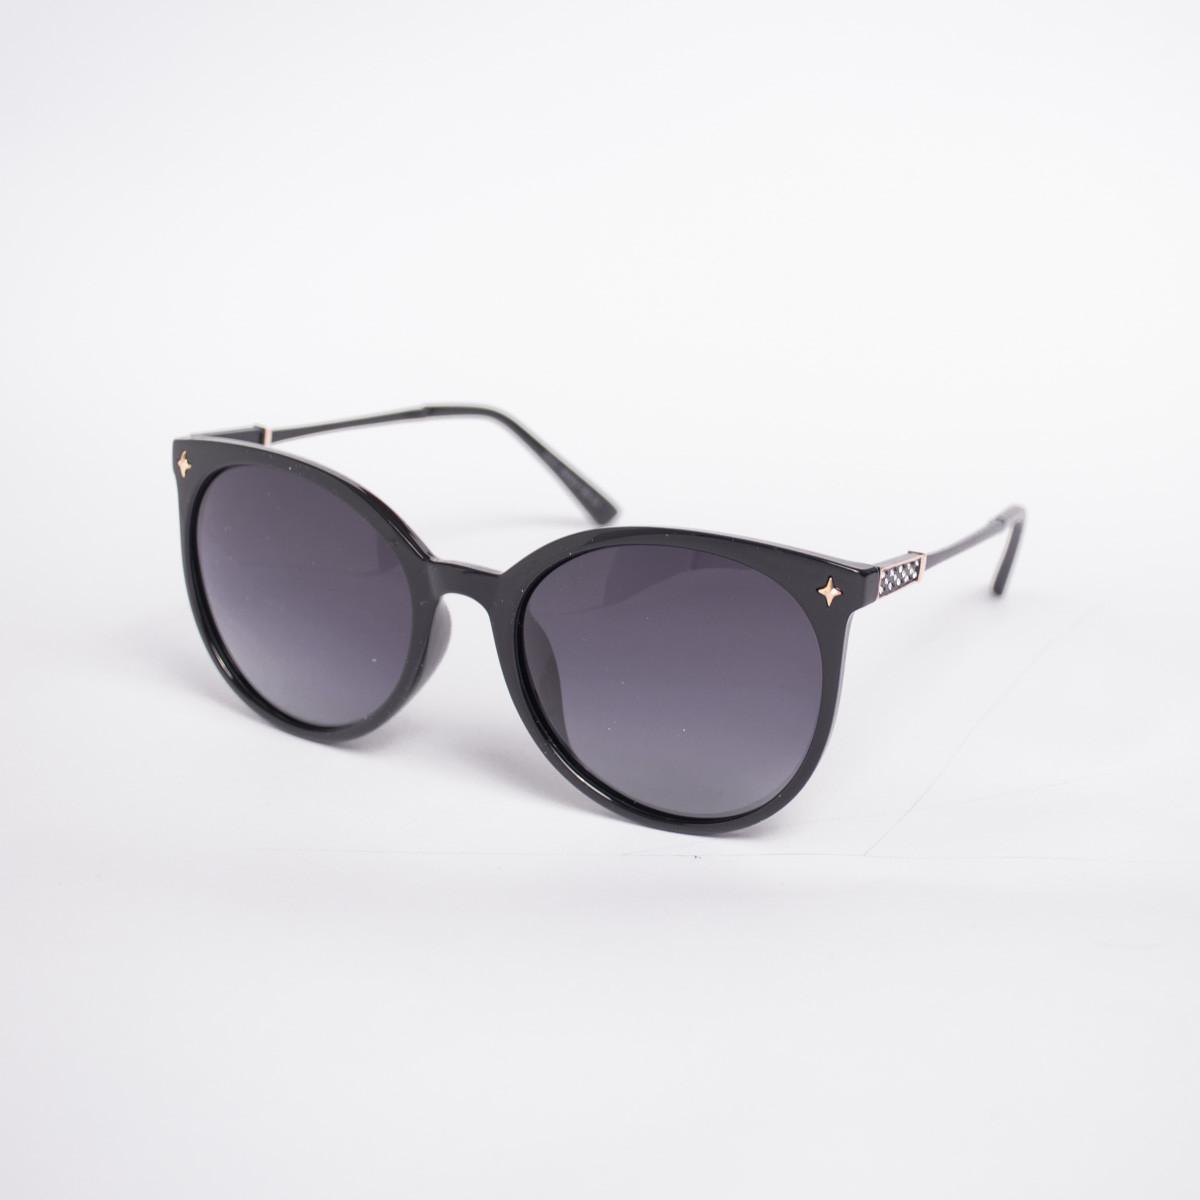 Поляризационные солнцезащитные очки черные - 6037 + футляр и салфетка